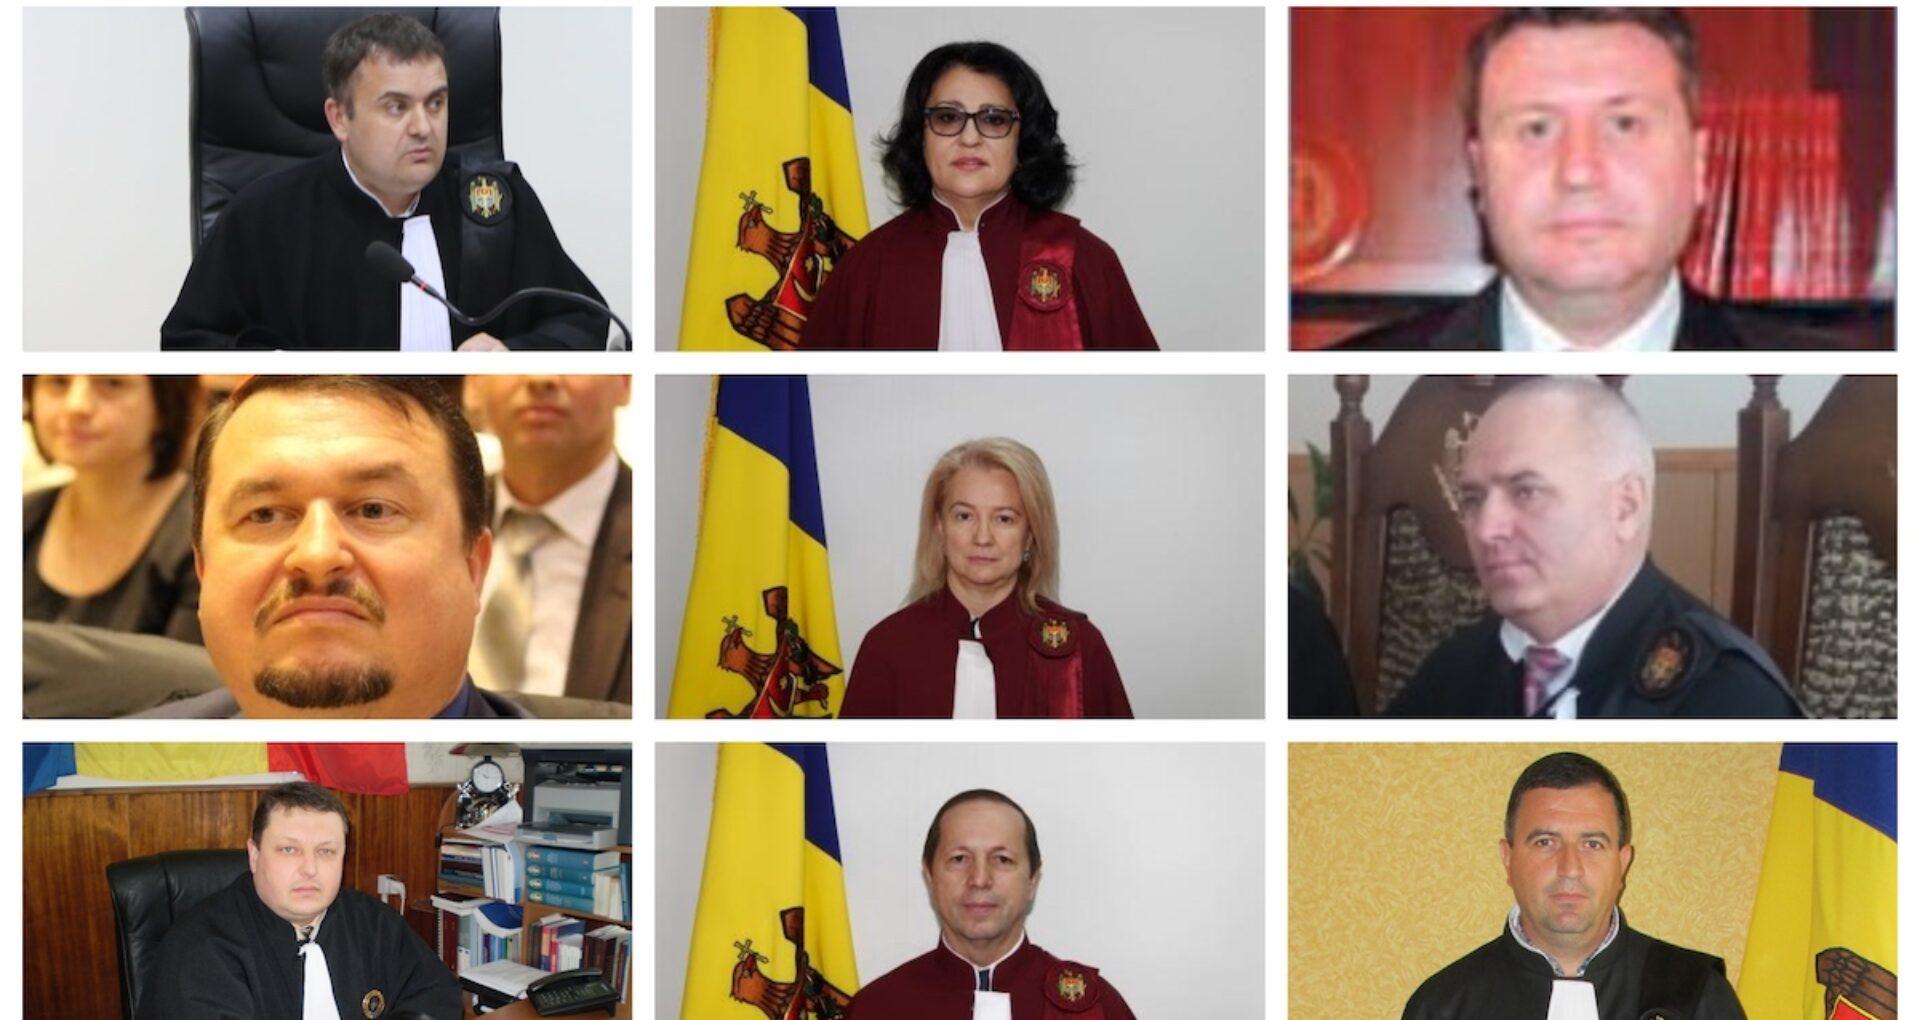 CSM urmează să decidă: Cine sunt judecătorii care aspiră la funcții de conducere în cadrul CSJ, CA Chișinău și altor instanțe